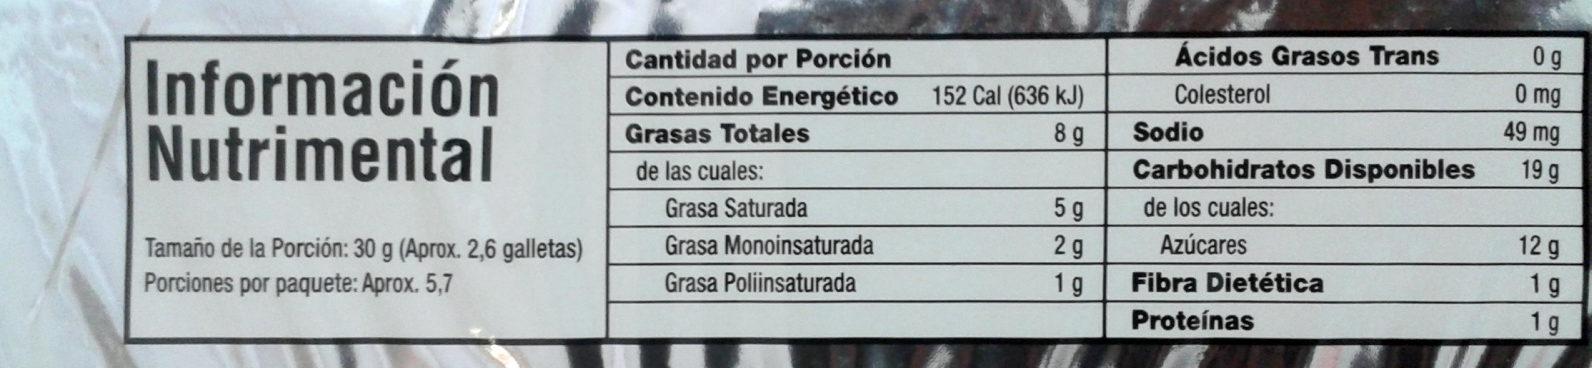 Cremax sabor a chocolate - Nutrition facts - es